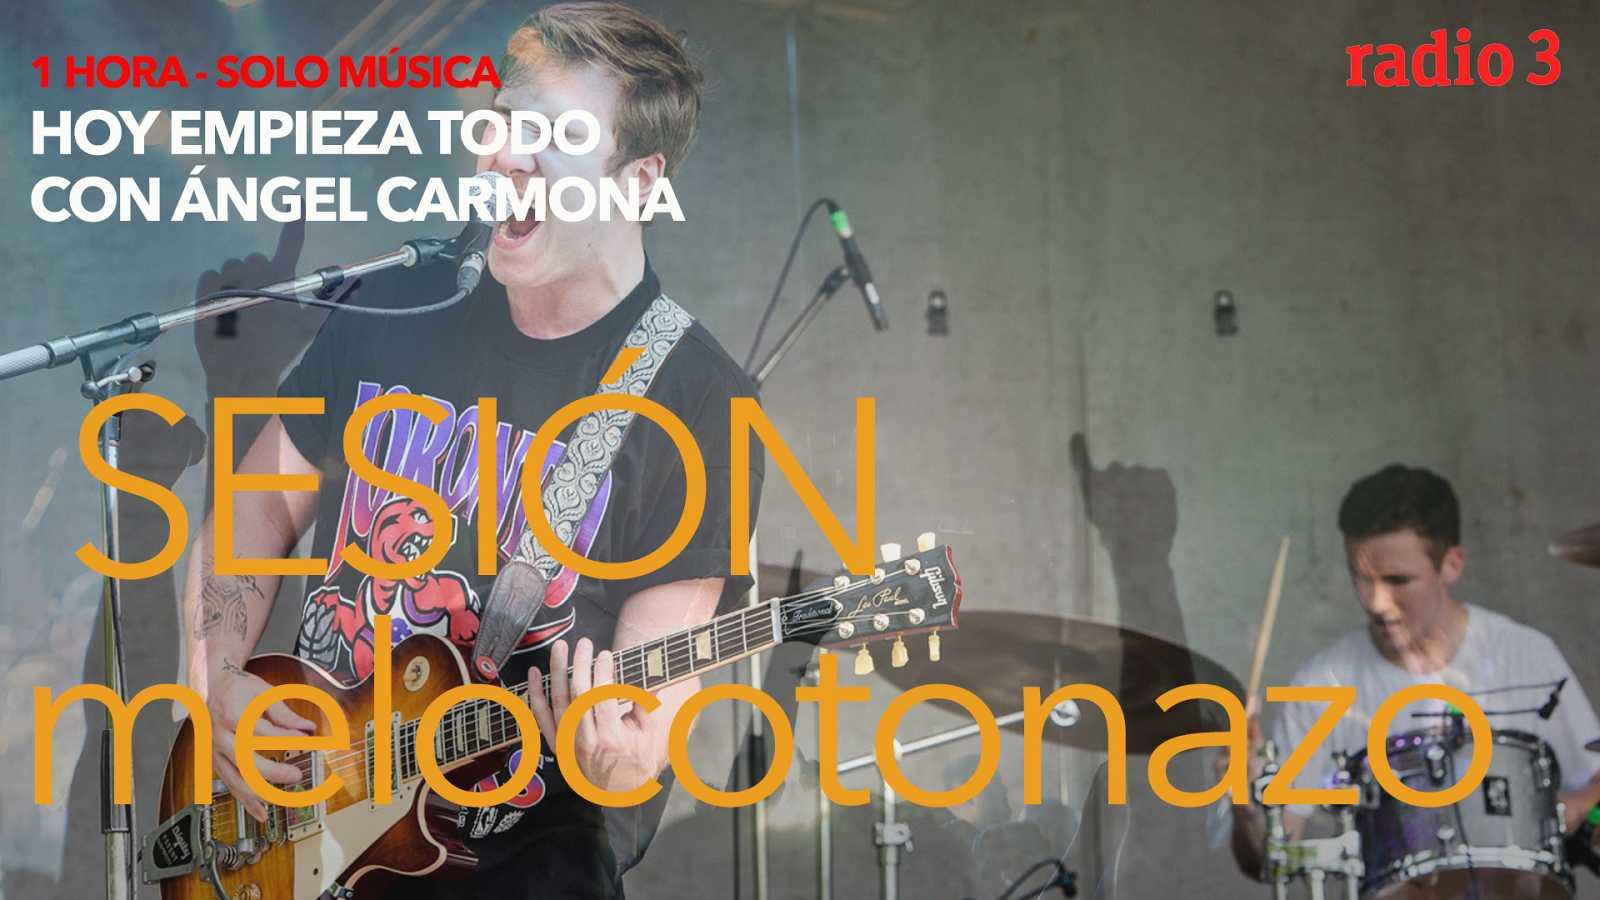 """Hoy empieza todo con Ángel Carmona -  """"#SesiónMelocotonazo"""":  Thelonious Monk, Cleopatrick, Varry Brava... - 17/02/21 - escuchar ahora"""